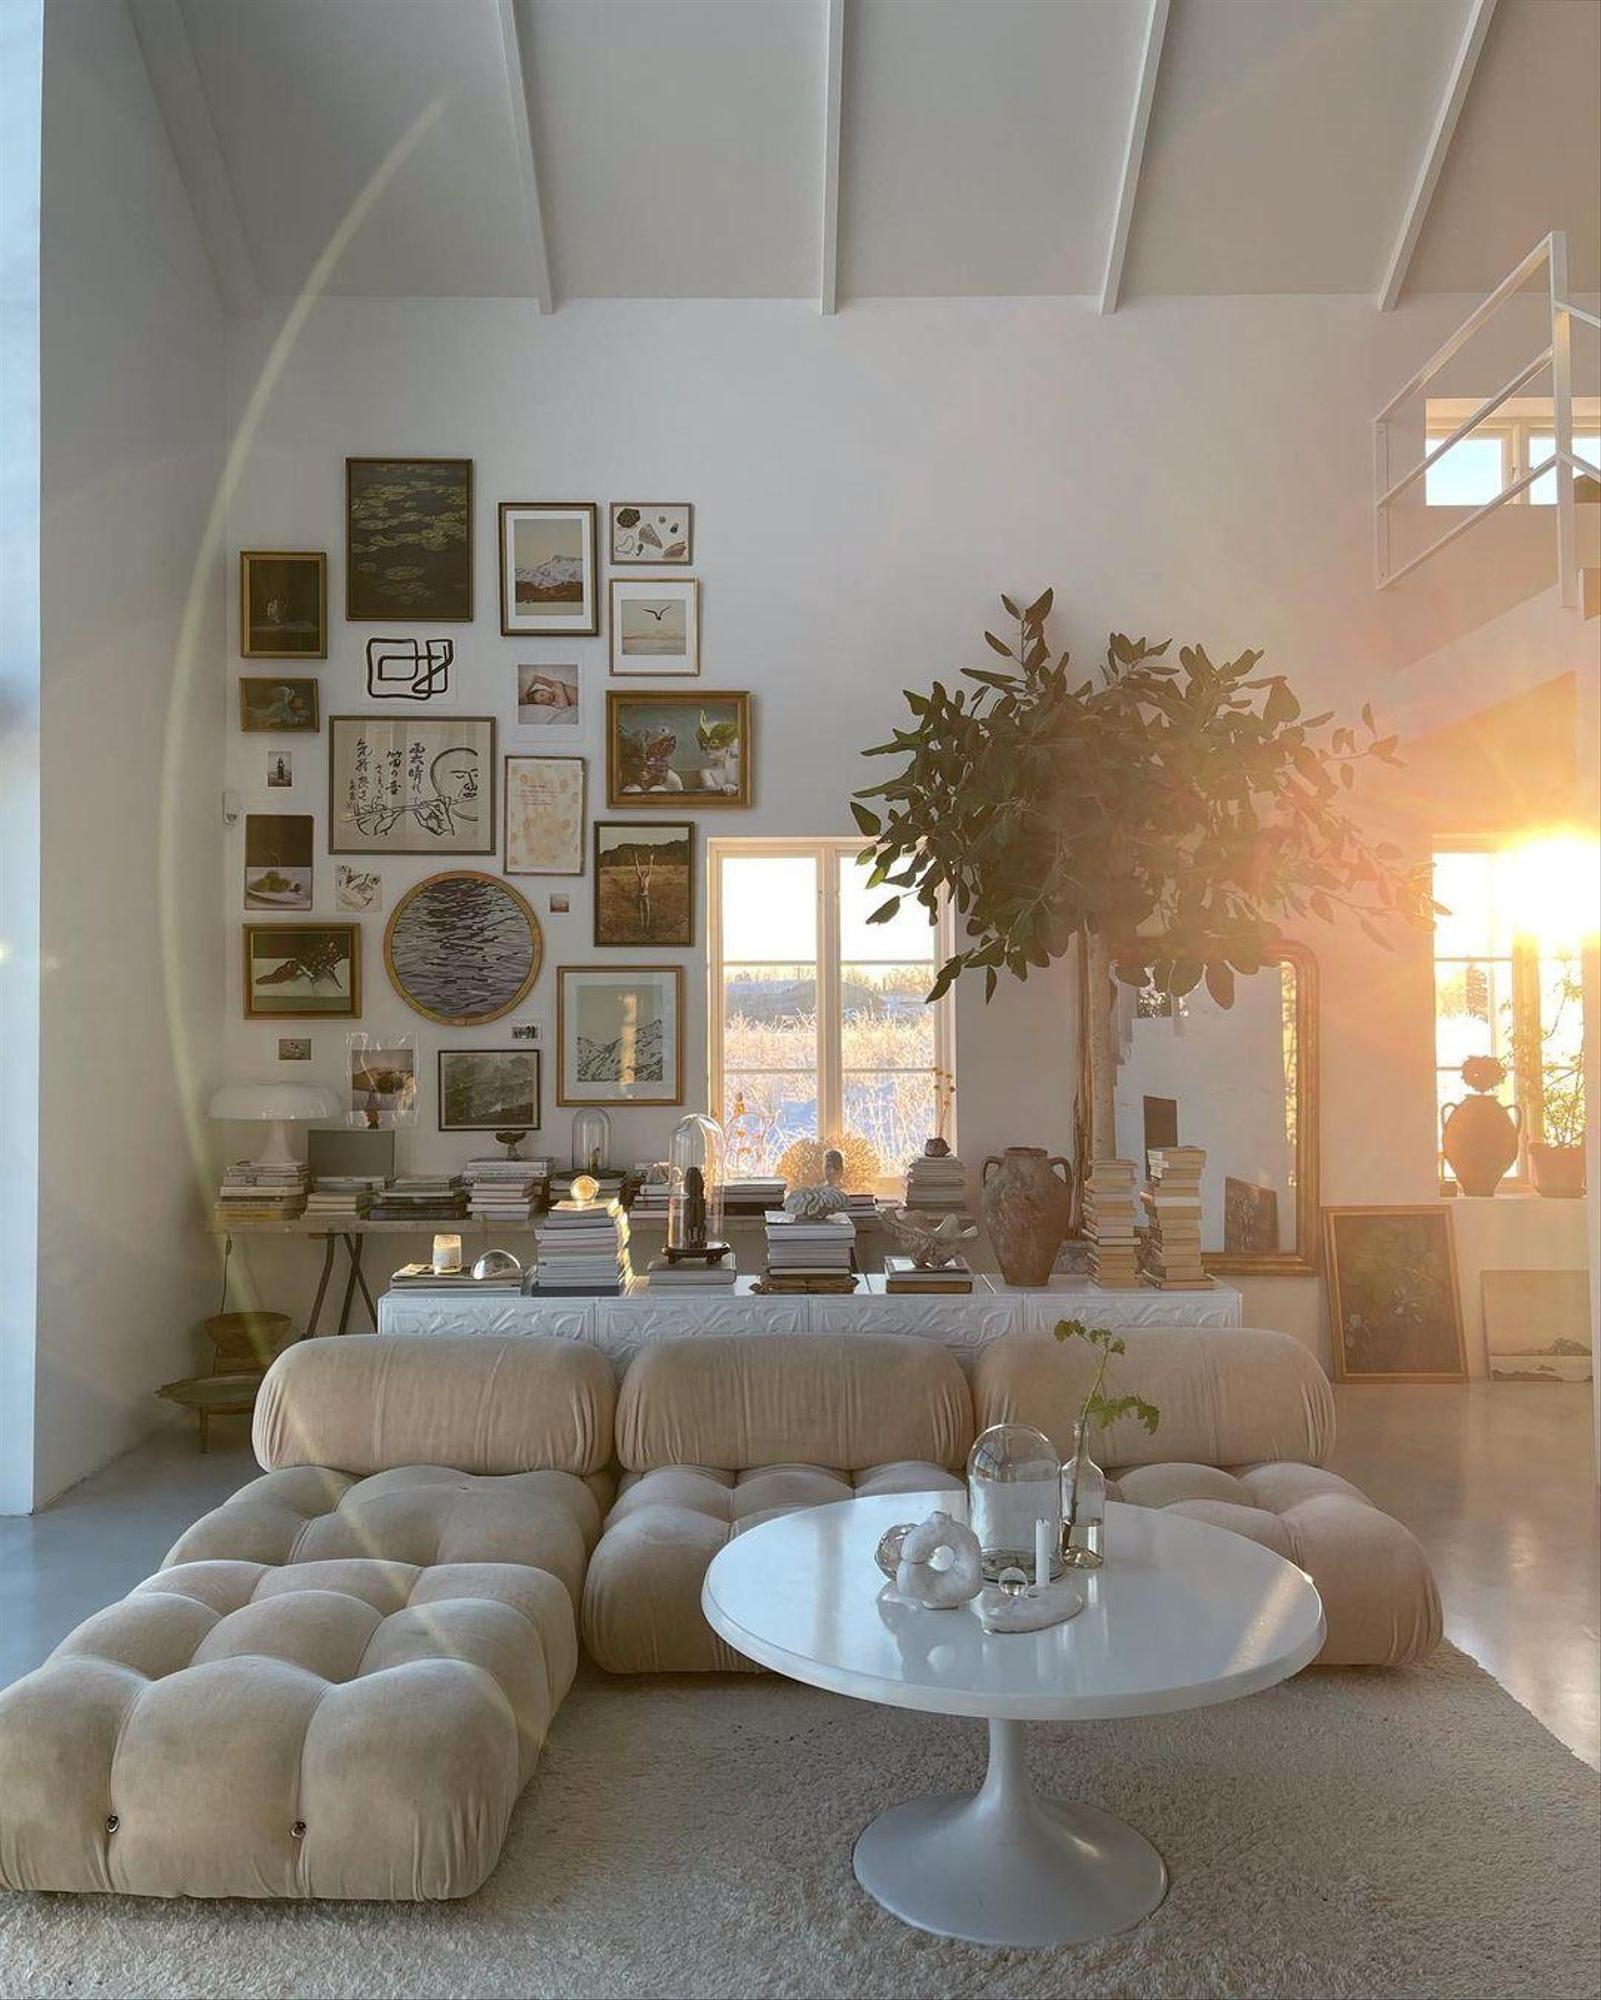 Sweet Home: Neuer Möbeltrend – Wie wärs mit einem Riesensofa?